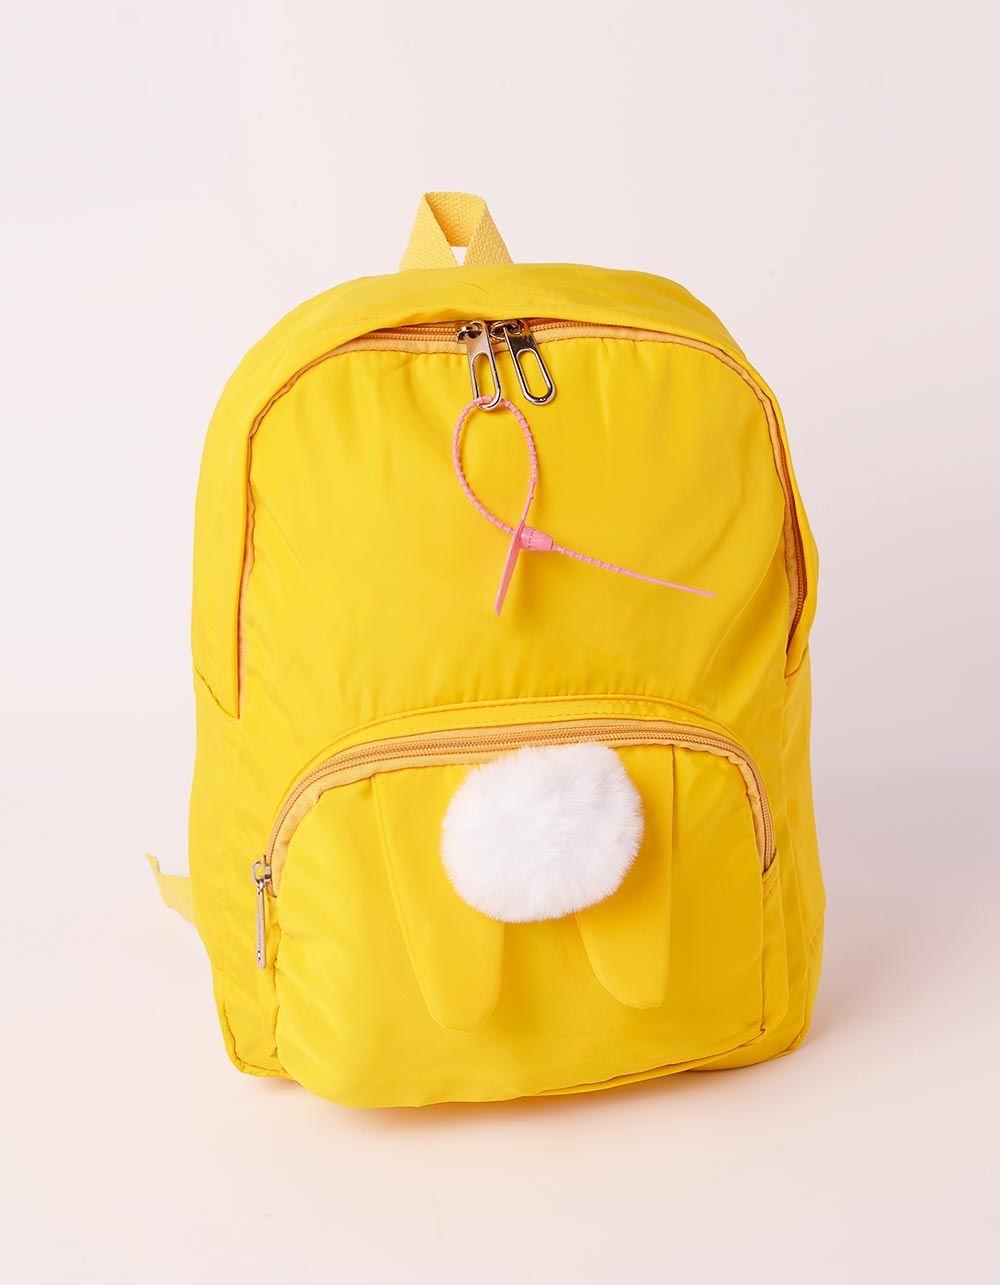 Рюкзак молодіжний  з вушками та помпоном на кишені | 238709-19-XX